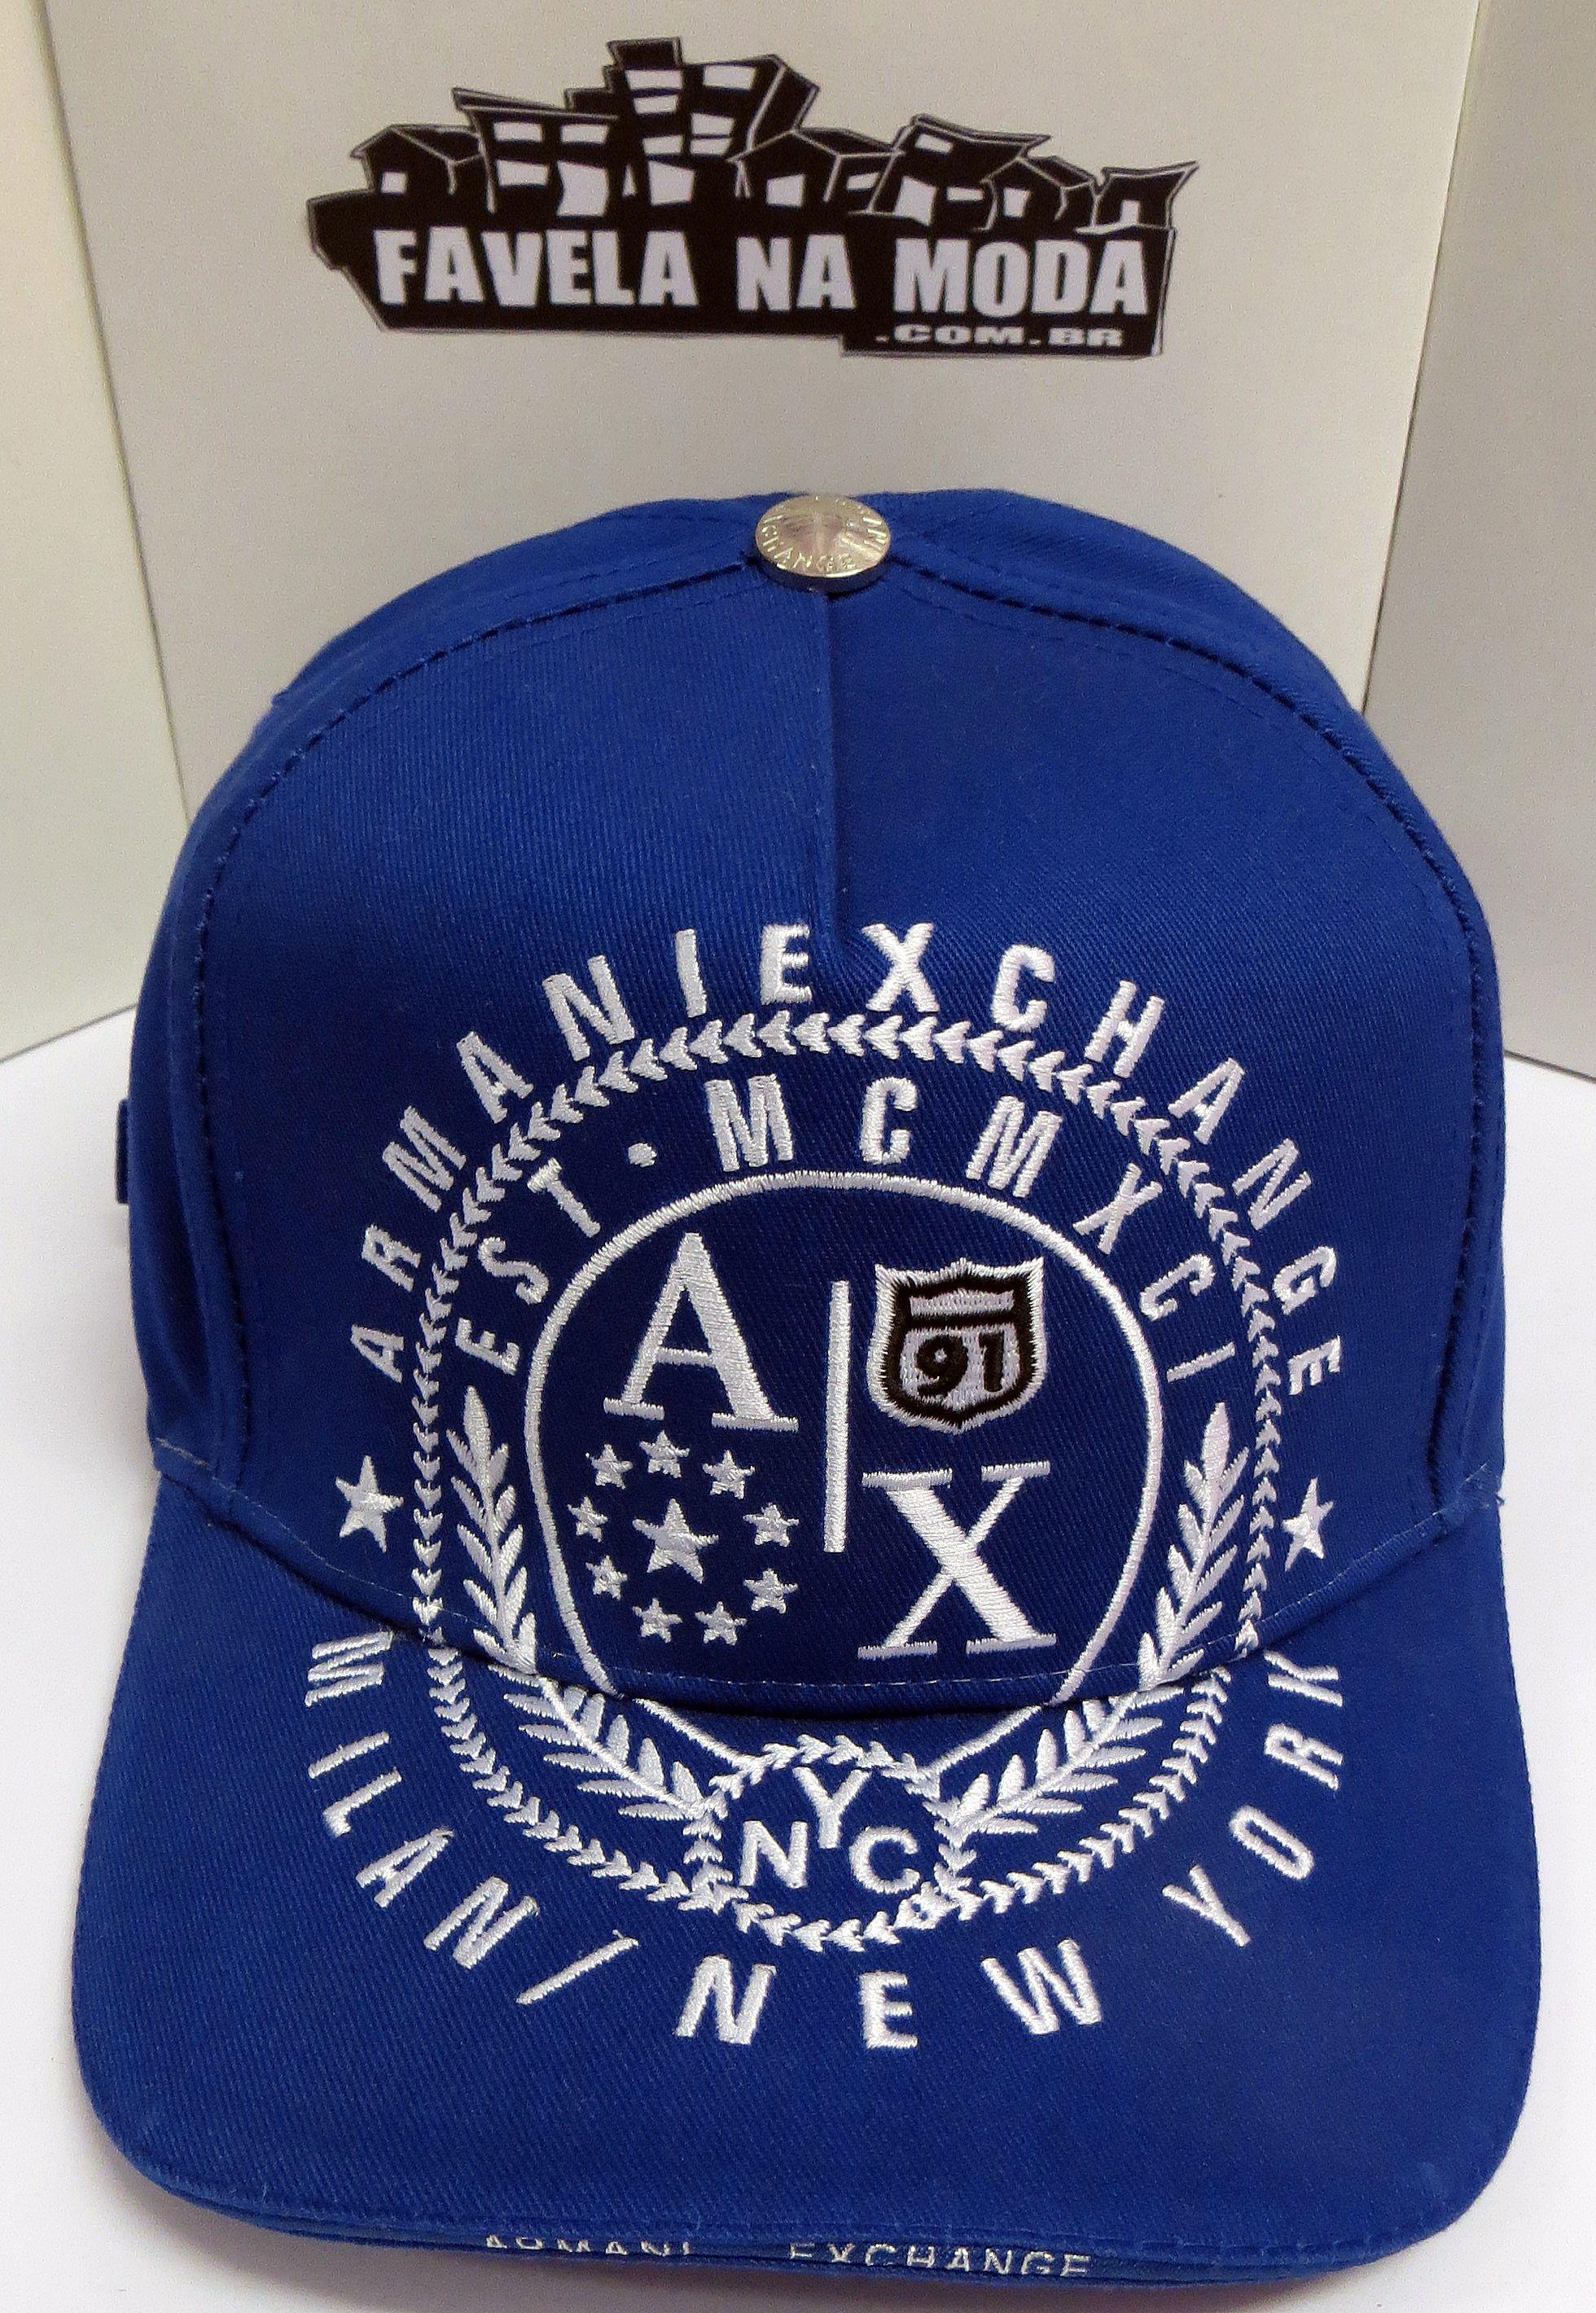 Armani Exchange - Favela na Moda Imports 0789ea8178240